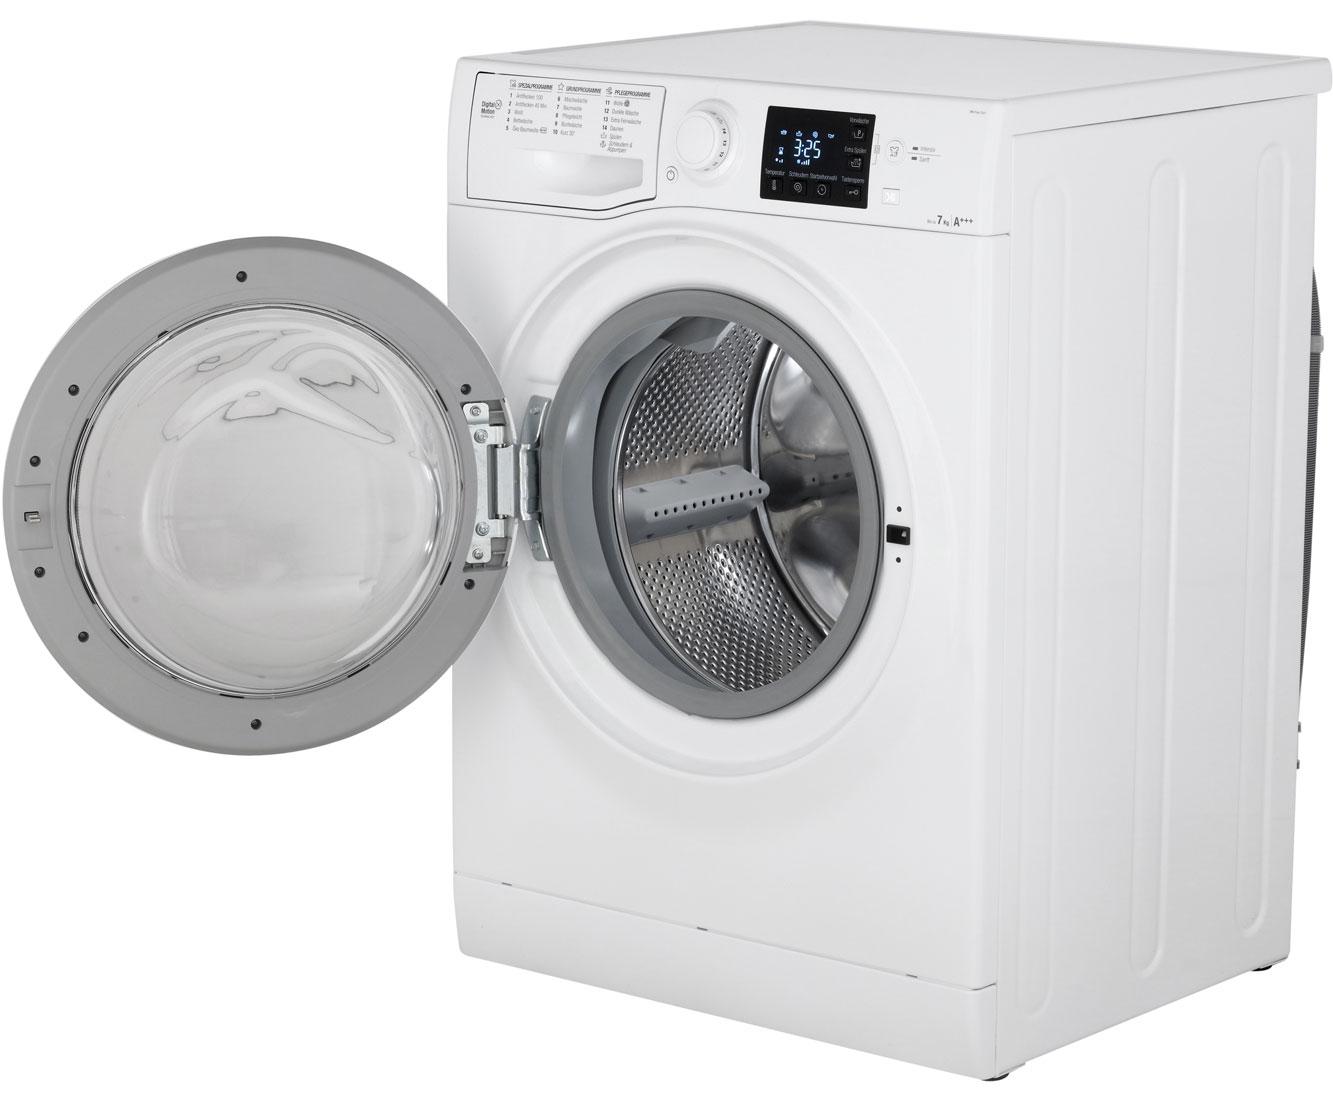 Bauknecht wm pure 7g41 waschmaschine 7 kg 1400 u min a